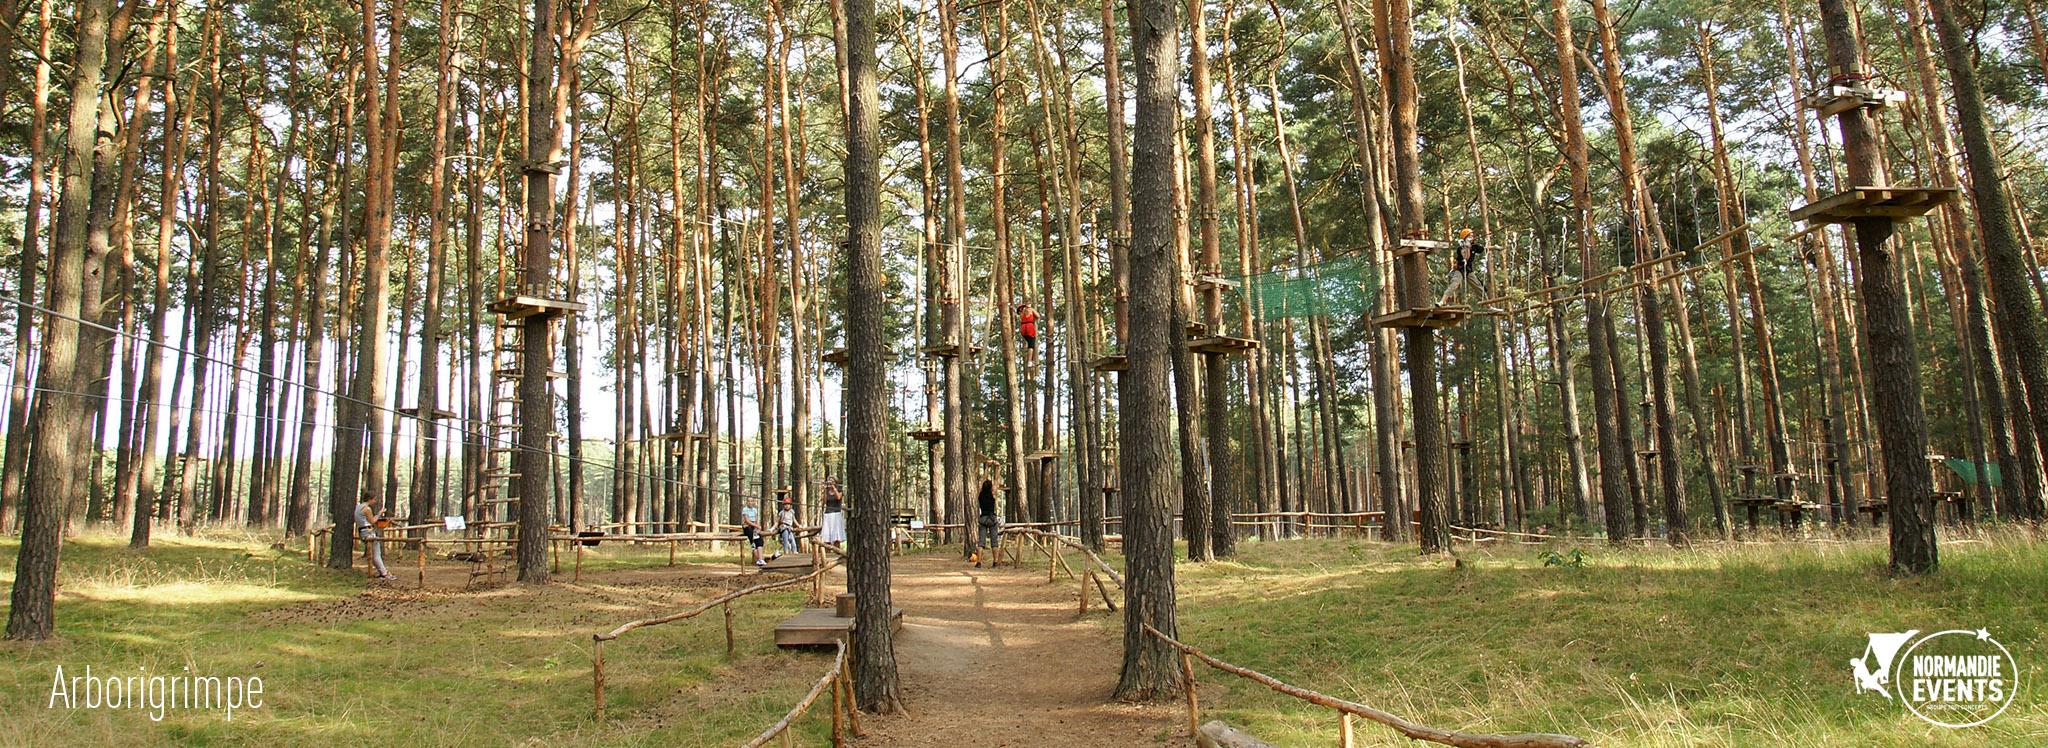 Accueil Arborigrimpe - Escalad